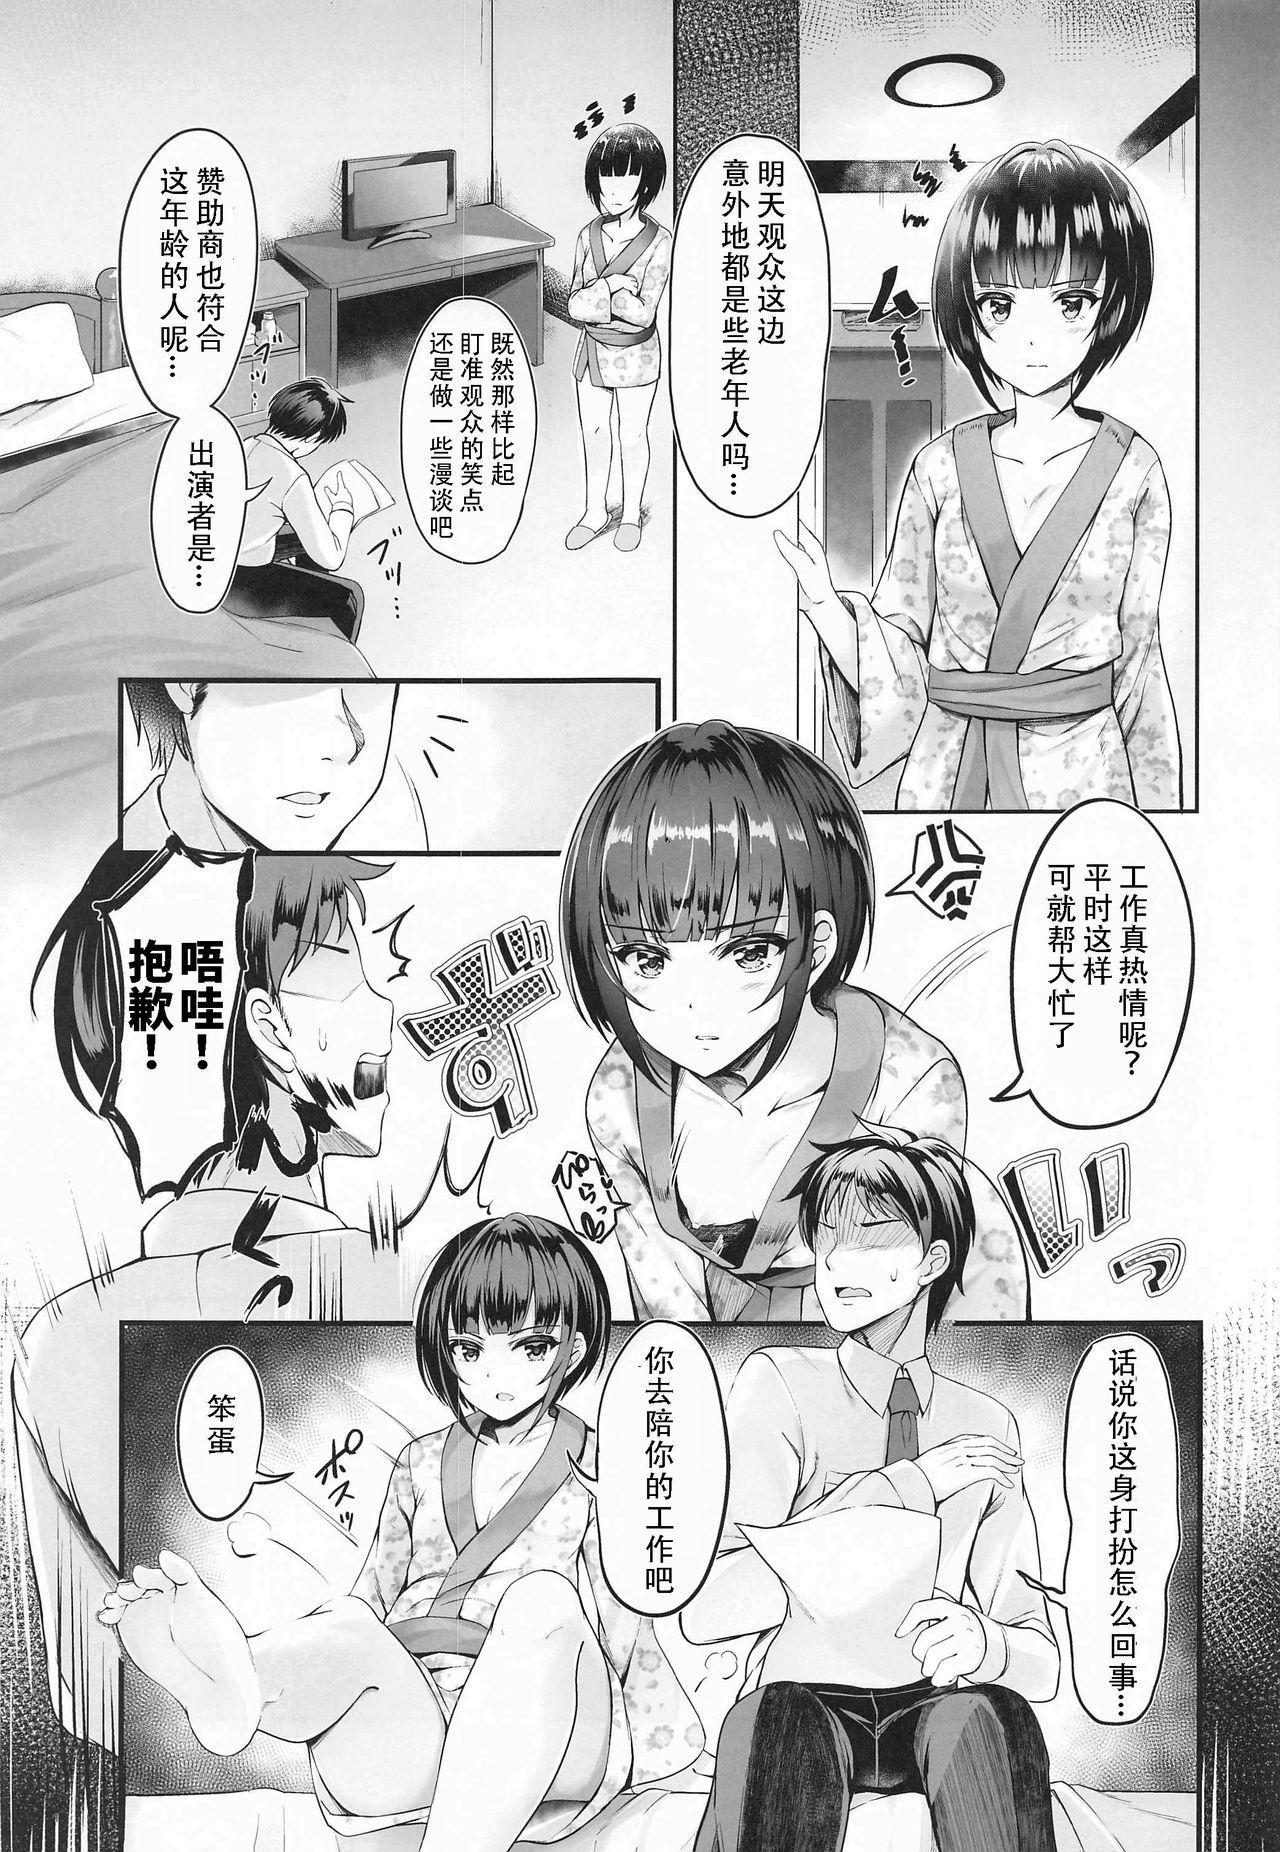 Koi no Maho to Shirayukihime 8